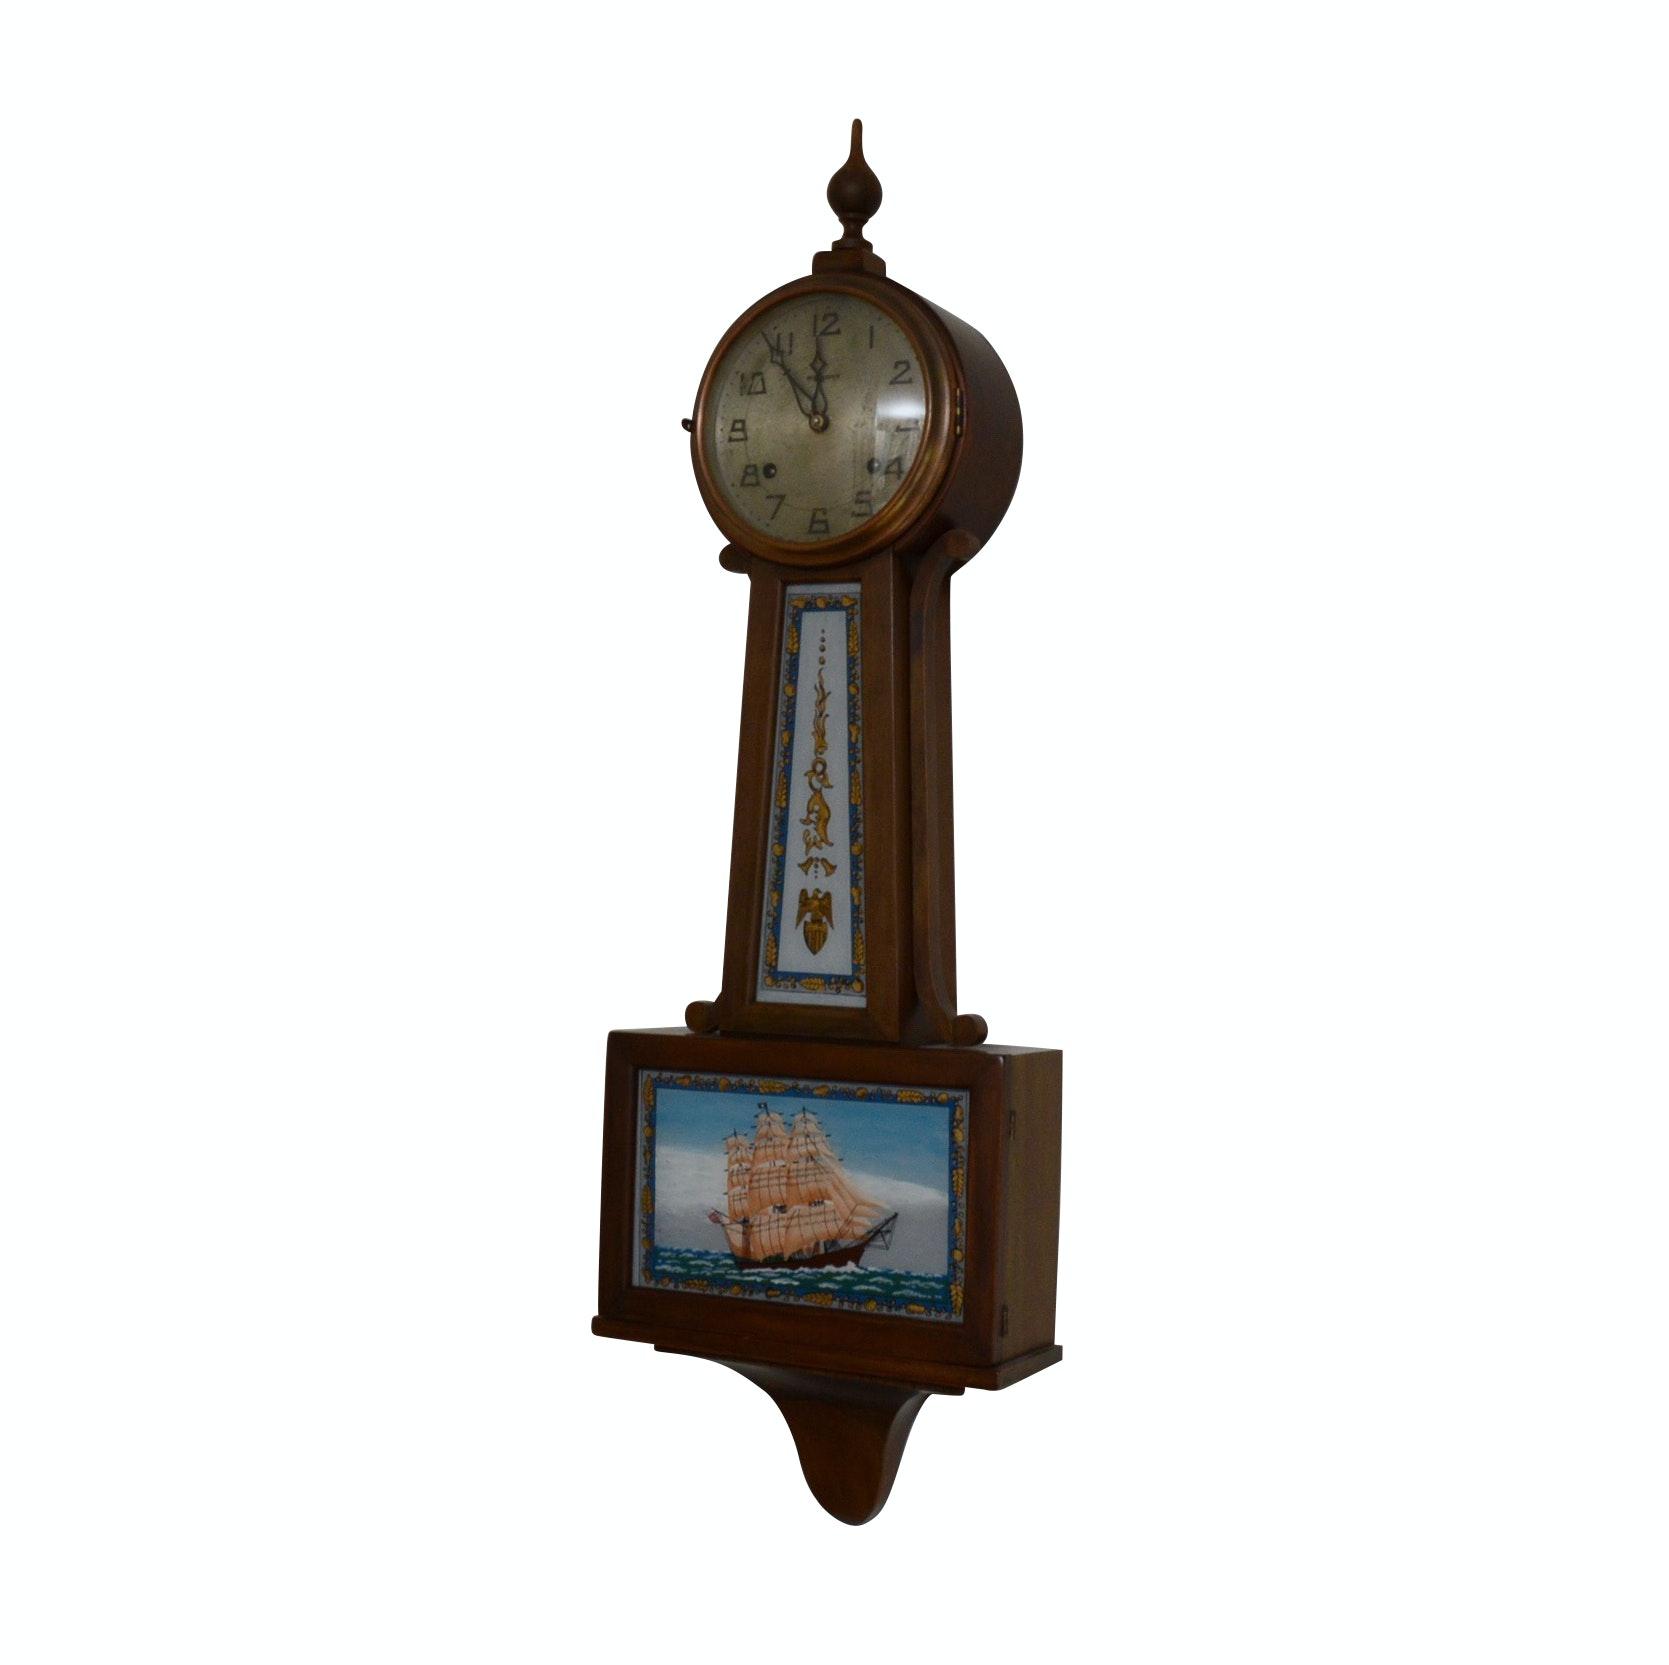 New Haven Reverse Painted Sailing Ship Banjo Clock